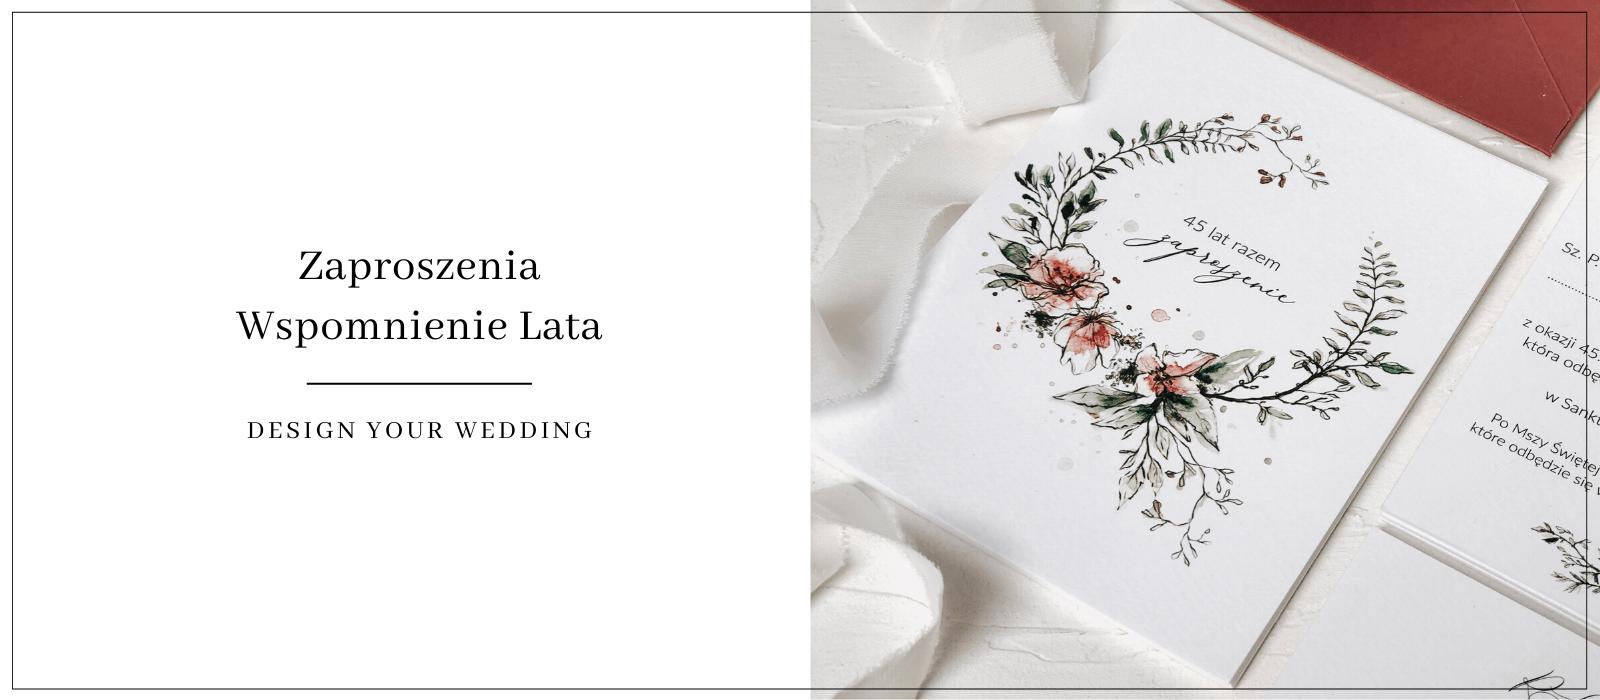 wspomnienie lata zaproszenia Design Your Wedding